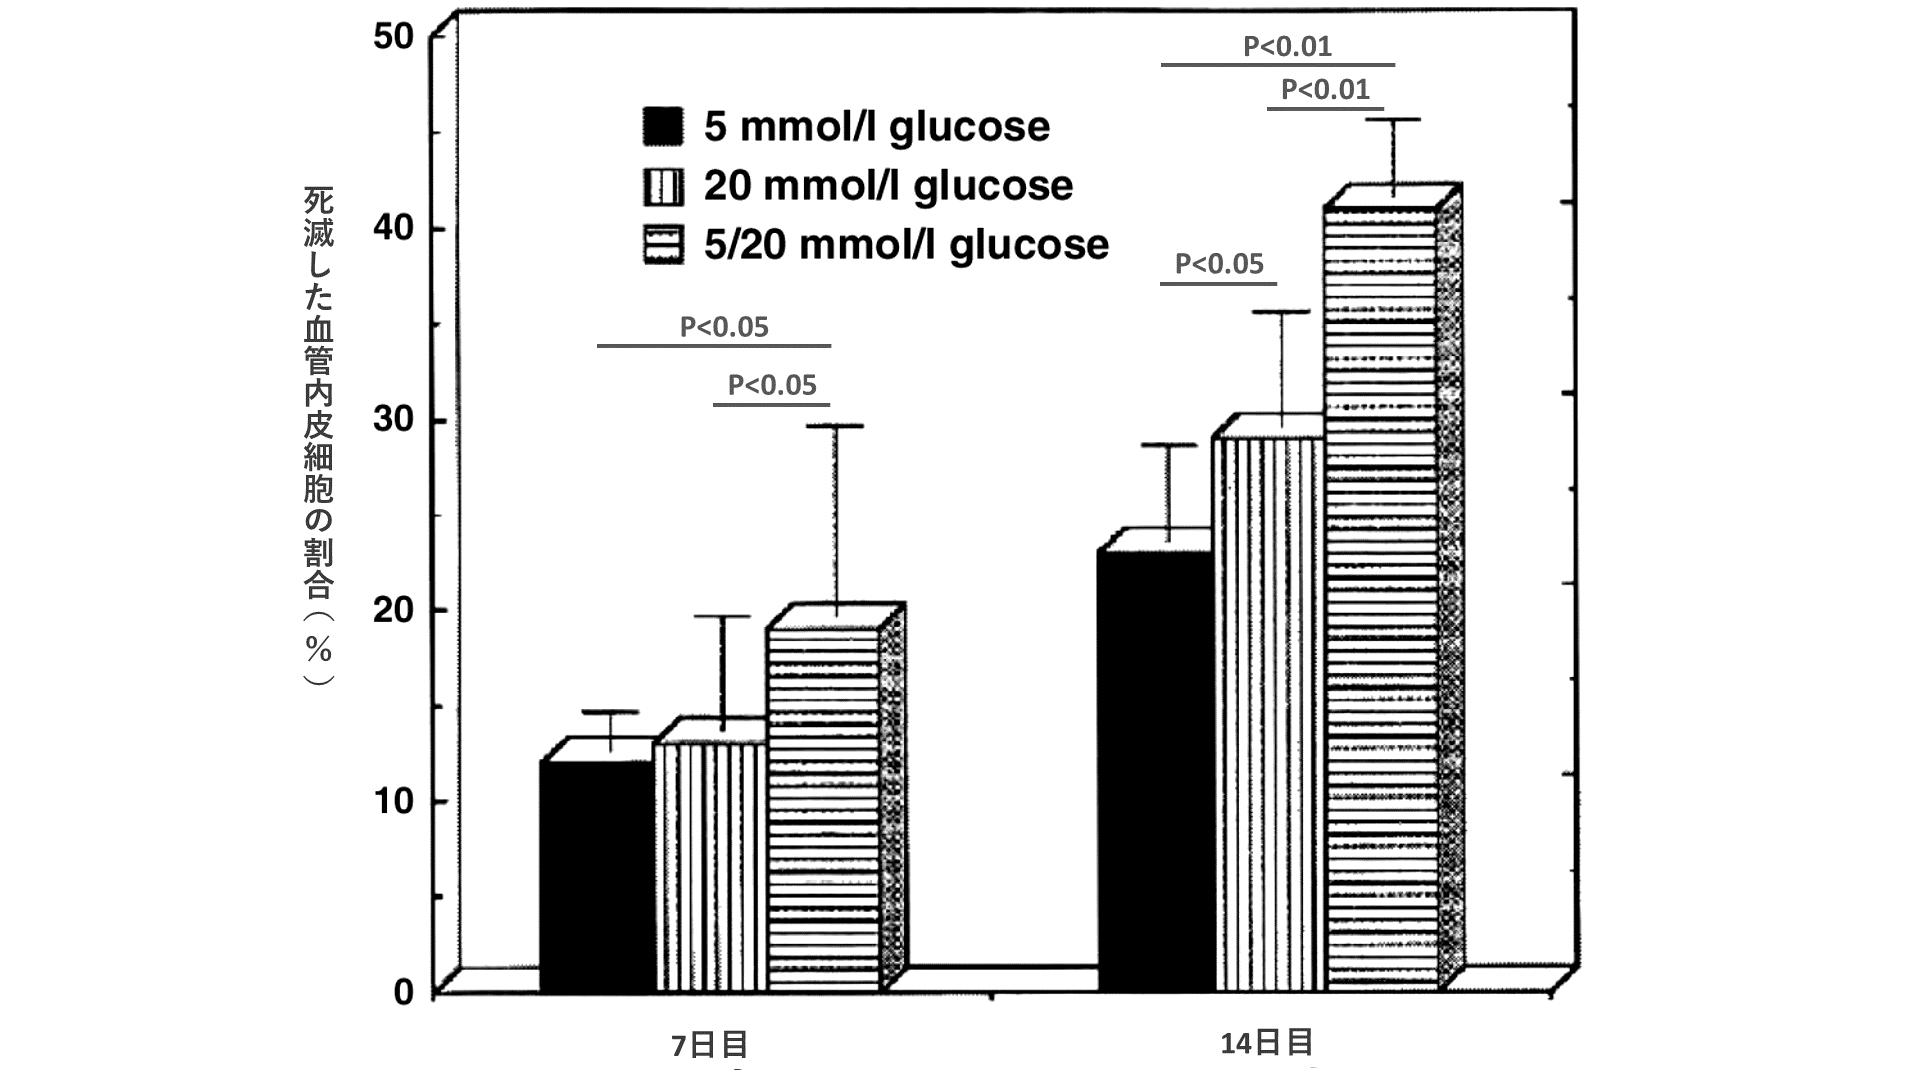 培養7日目において、20mmol/glucoseおよび5/20mmol/glucoseの死滅した血管内皮細胞の割合は、5mmol/glucoseに比較して増加が認められた(p<0.05)。培養14日目において、20mmol/glucoseの死滅した血管内皮細胞の割合は、5mmol/glucoseに比較して増加が認められた(p<0.05)。また、培養14日目において、5/20mmol/glucoseの死滅した血管内皮細胞の割合は、5mmol/glucoseに比較して増加が認められた(p<0.01)。さらに、培養14日目において、5/20mmol/glucoseの死滅した血管内皮細胞の割合は、20mmol/glucoseに比較して有意な増加が認められた(p<0.01)。